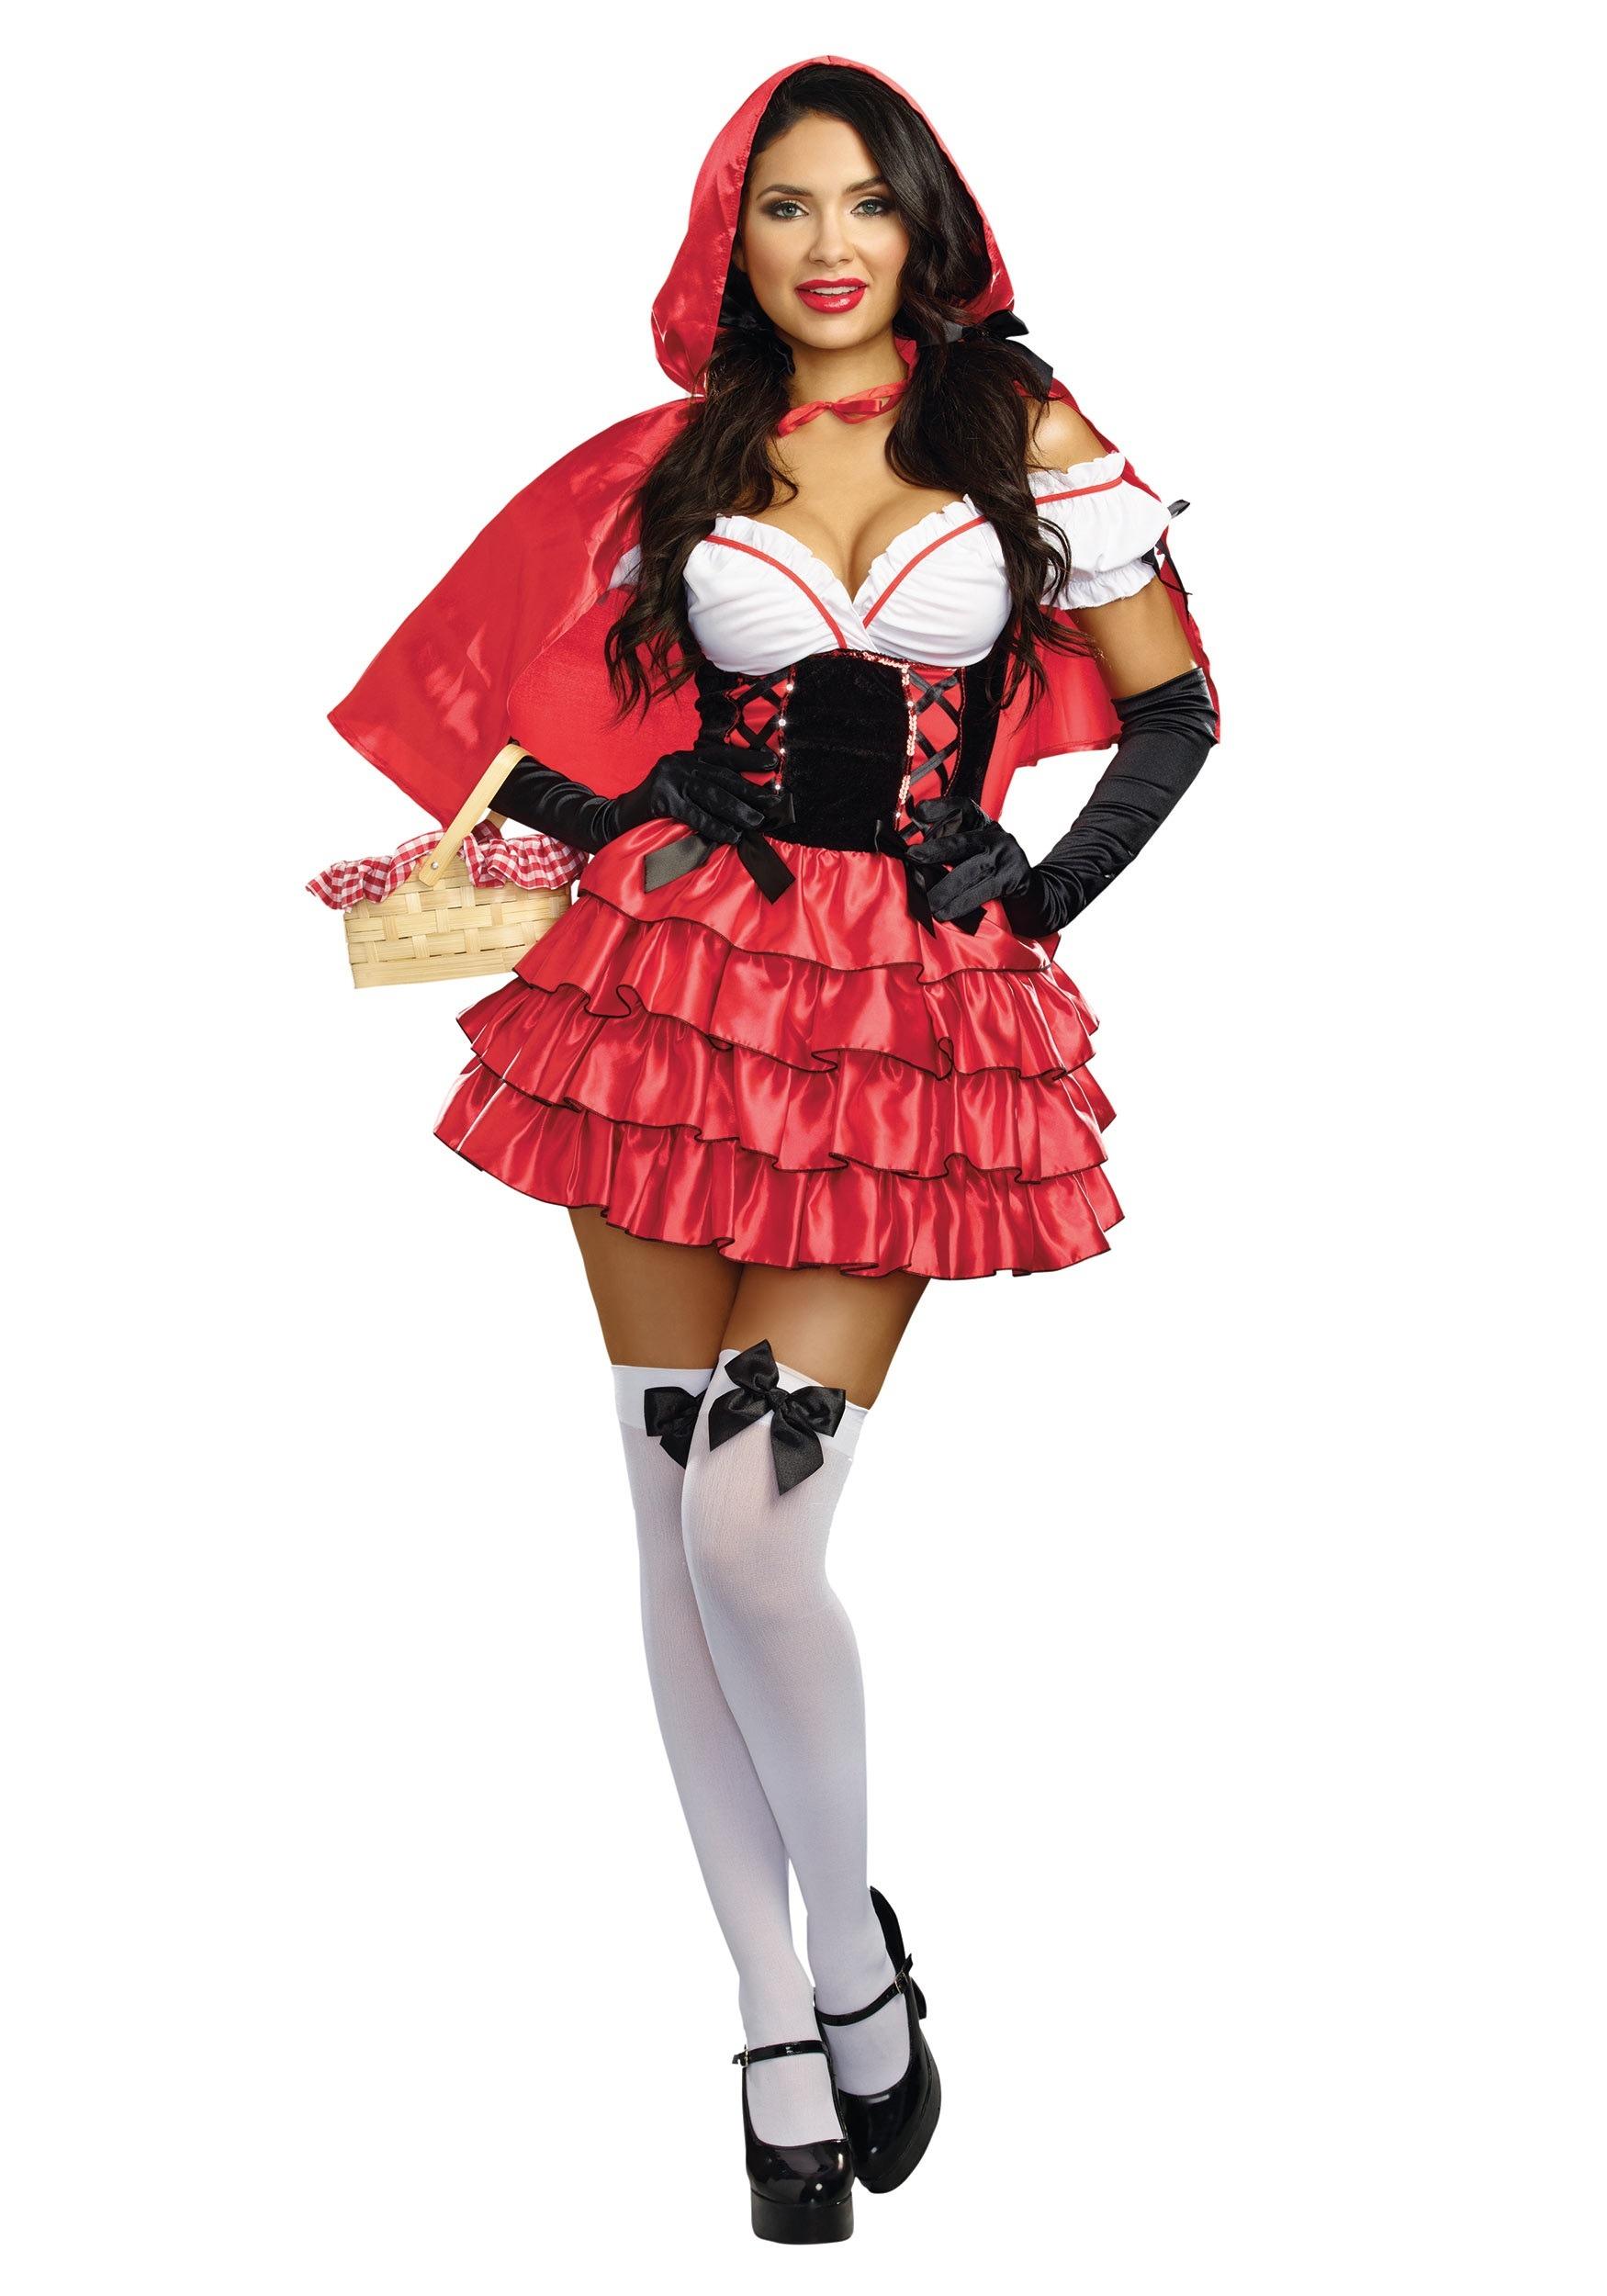 Women s Ruffled Red Riding Hood Costume 79043bda2f